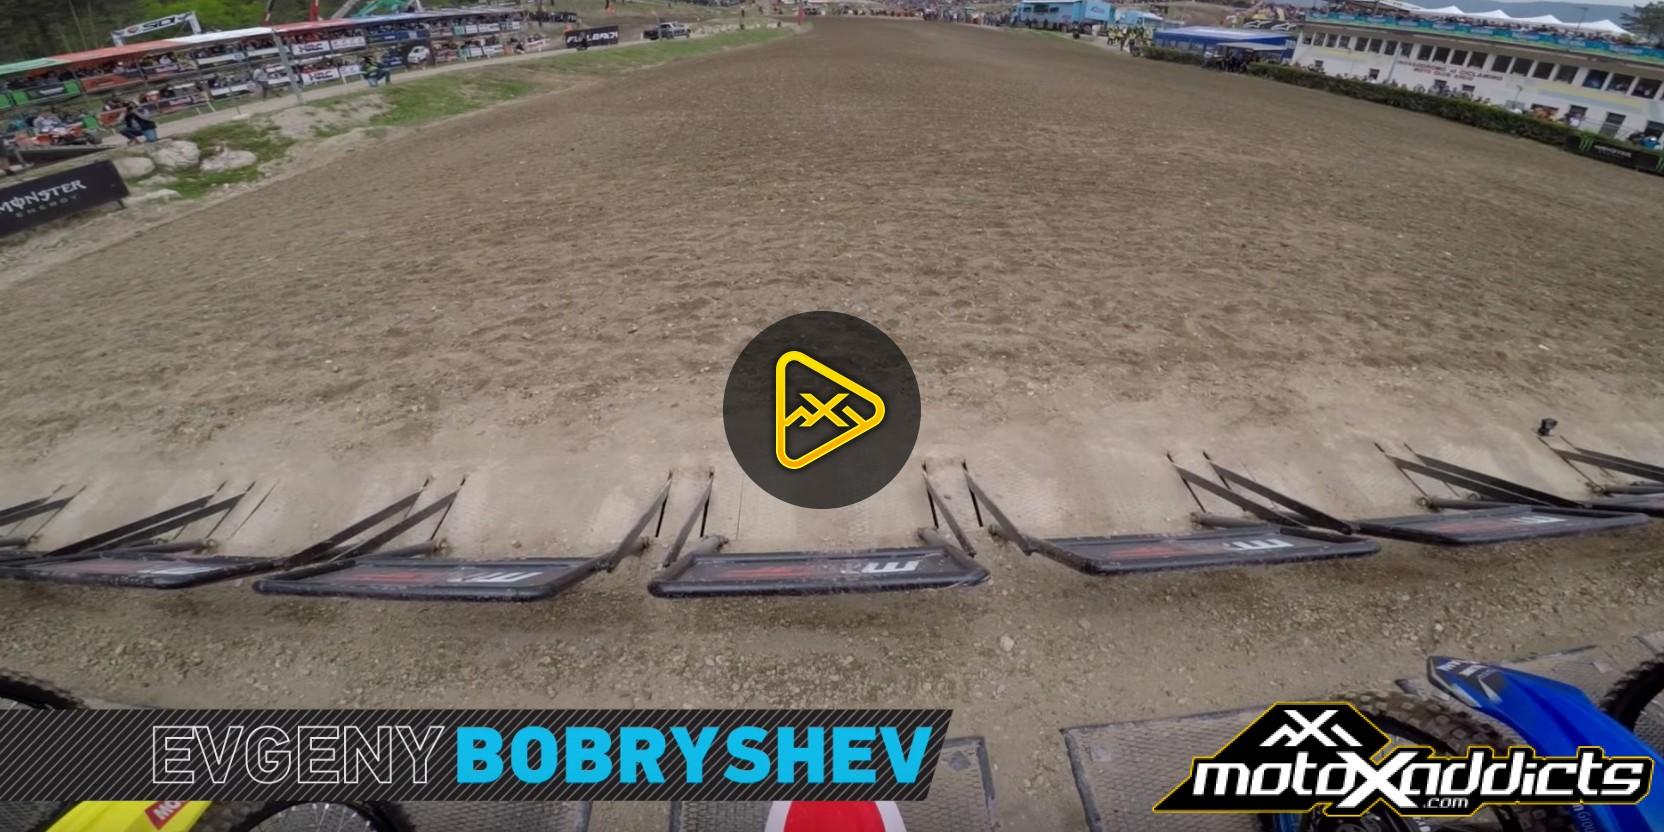 GoPro: Evgeny Bobryshev – 2017 MXGP of Trentino